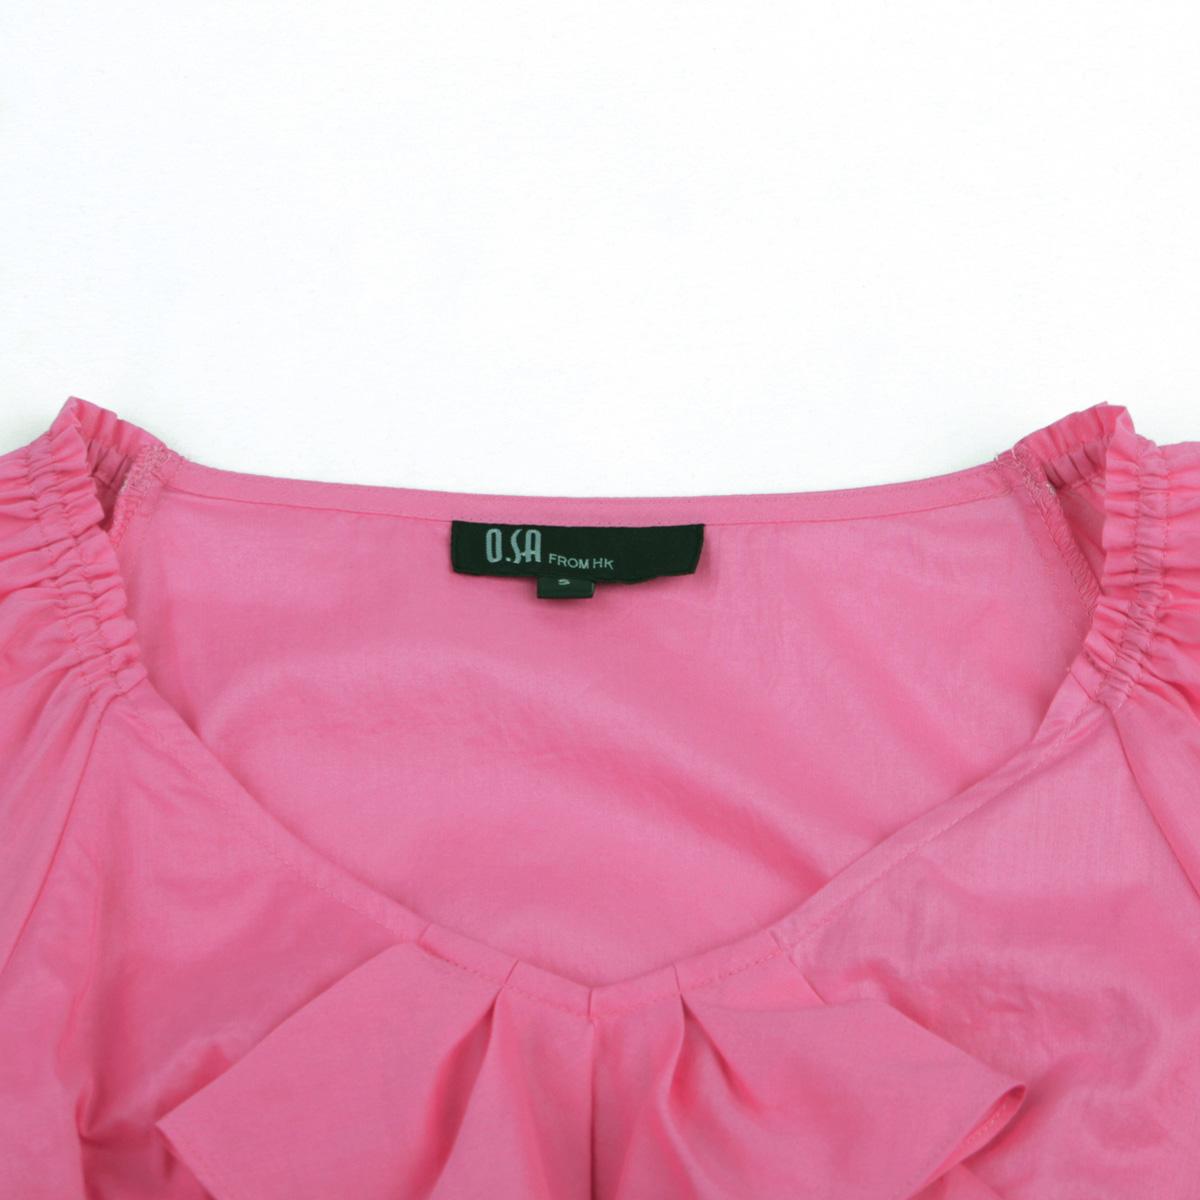 женская рубашка OSA sc00504 O.SA OL Casual Длинный рукав В клетку Оборка V-образный вырез